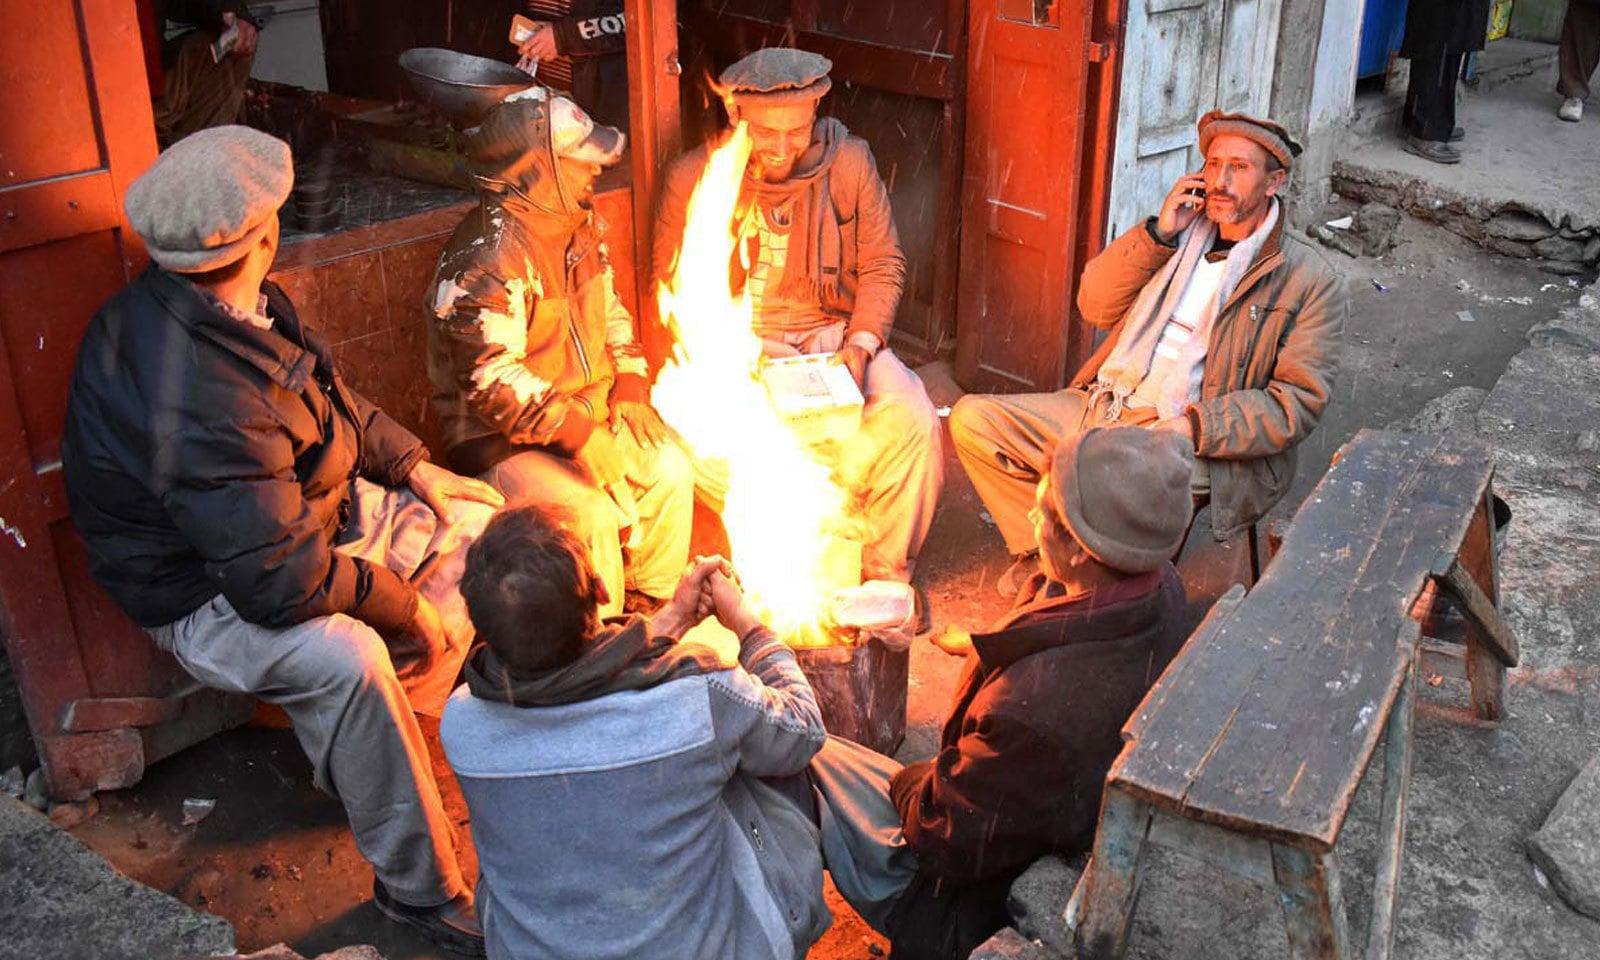 گلگت شہر میں دکاندار برف باری کے بعد ٹھنڈے موسم کا لطف اٹھا رہے ہیں — فوٹو: اے پی پی